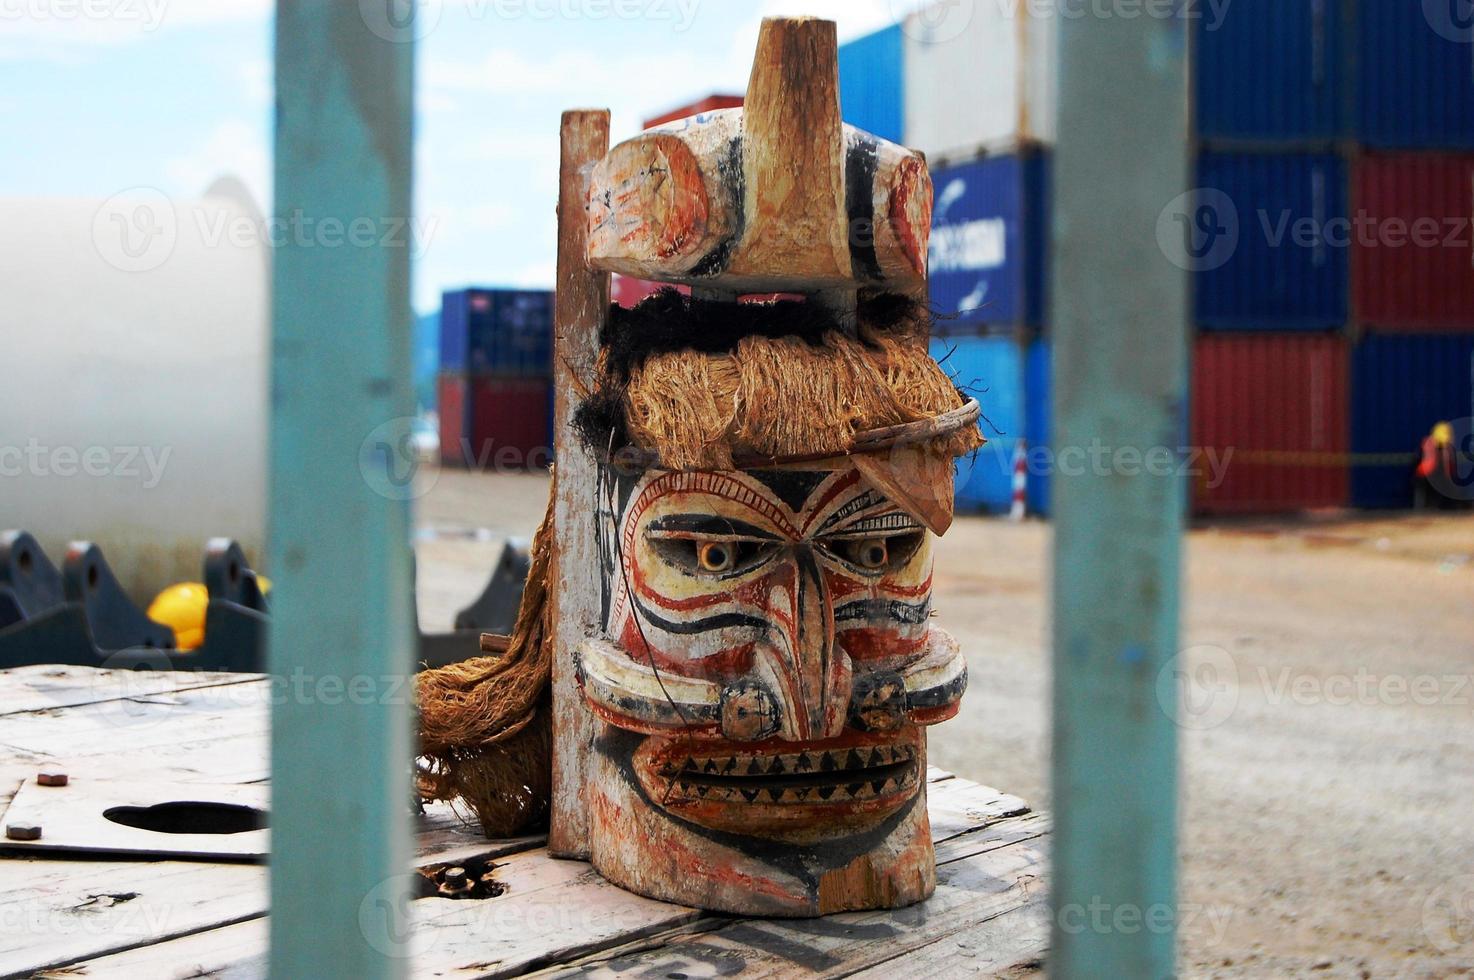 Timber mask photo